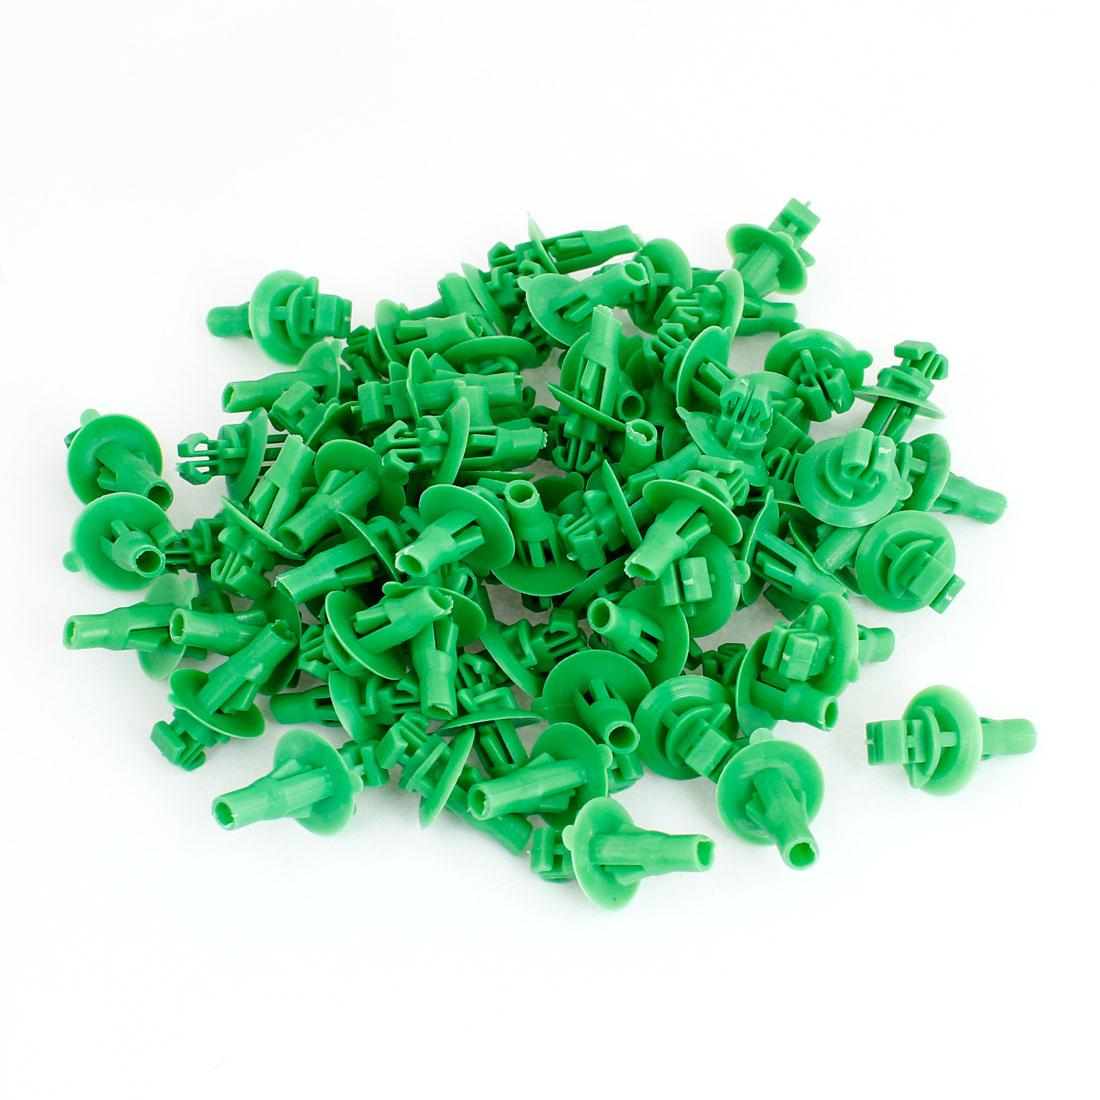 9.5mm x 7.2mm Hole Green Plastic Door Rivet Push Clip 100pcs for Toyota